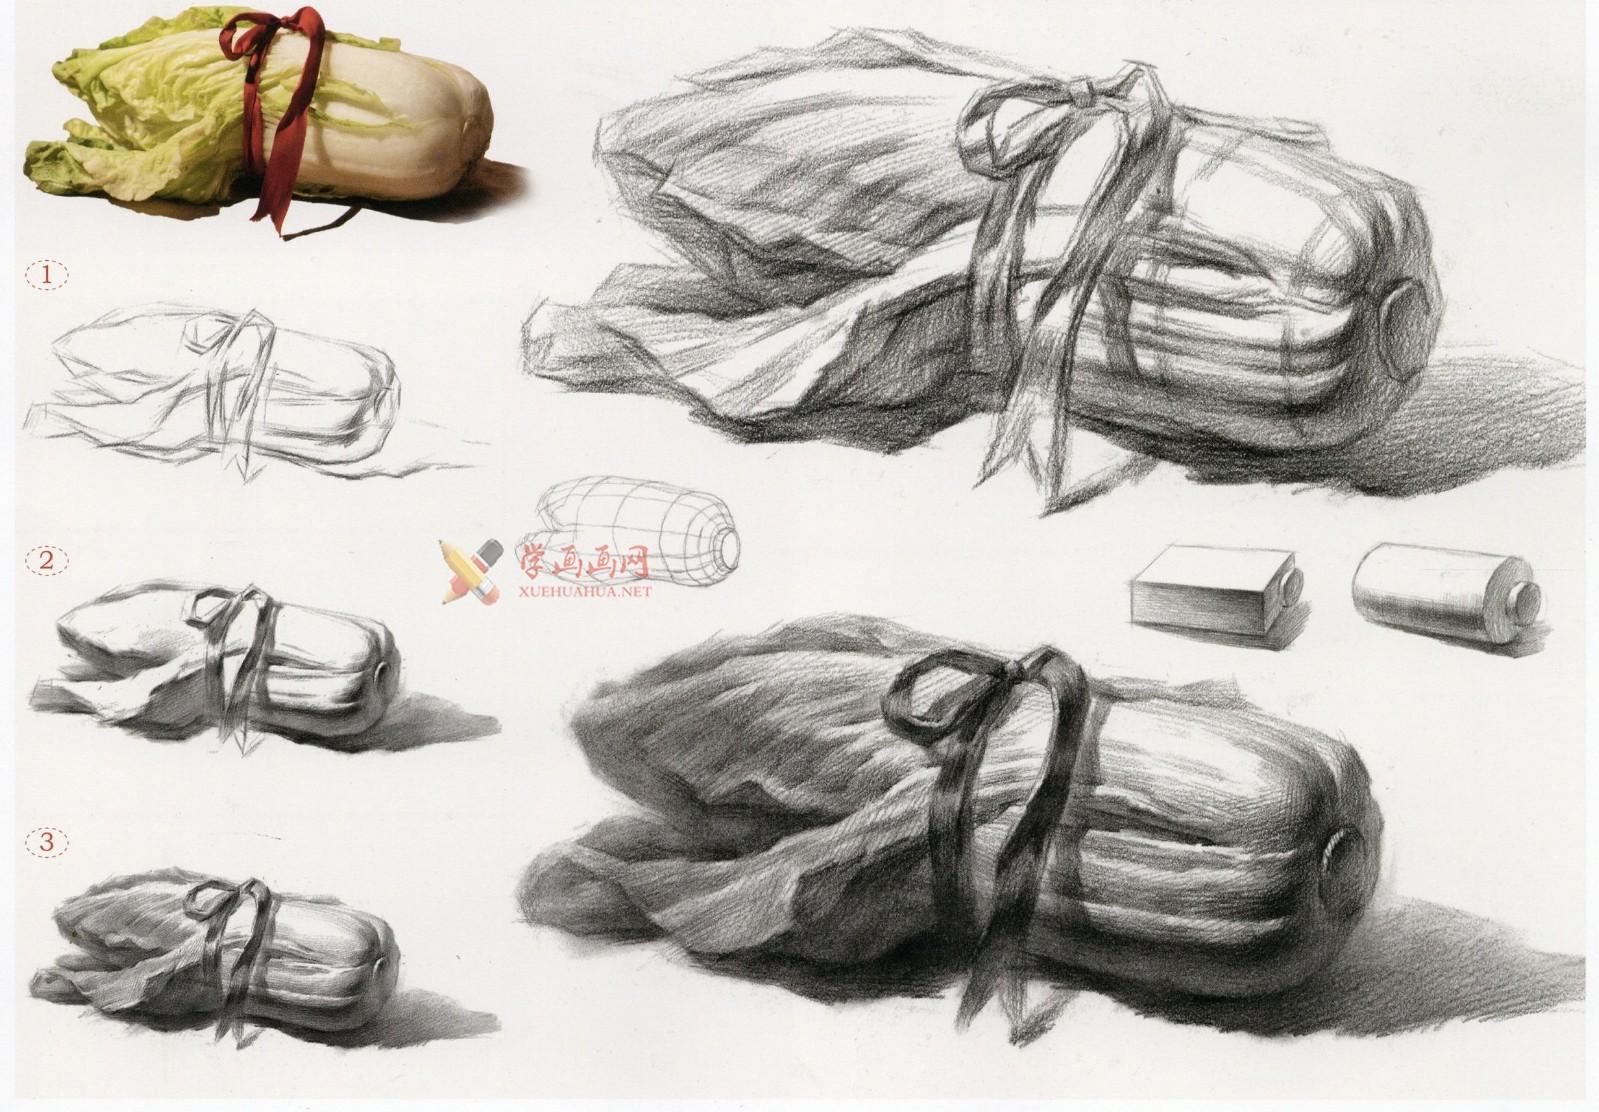 白菜怎么画?素描大白菜的画法图解及临摹范画图片素材(4)